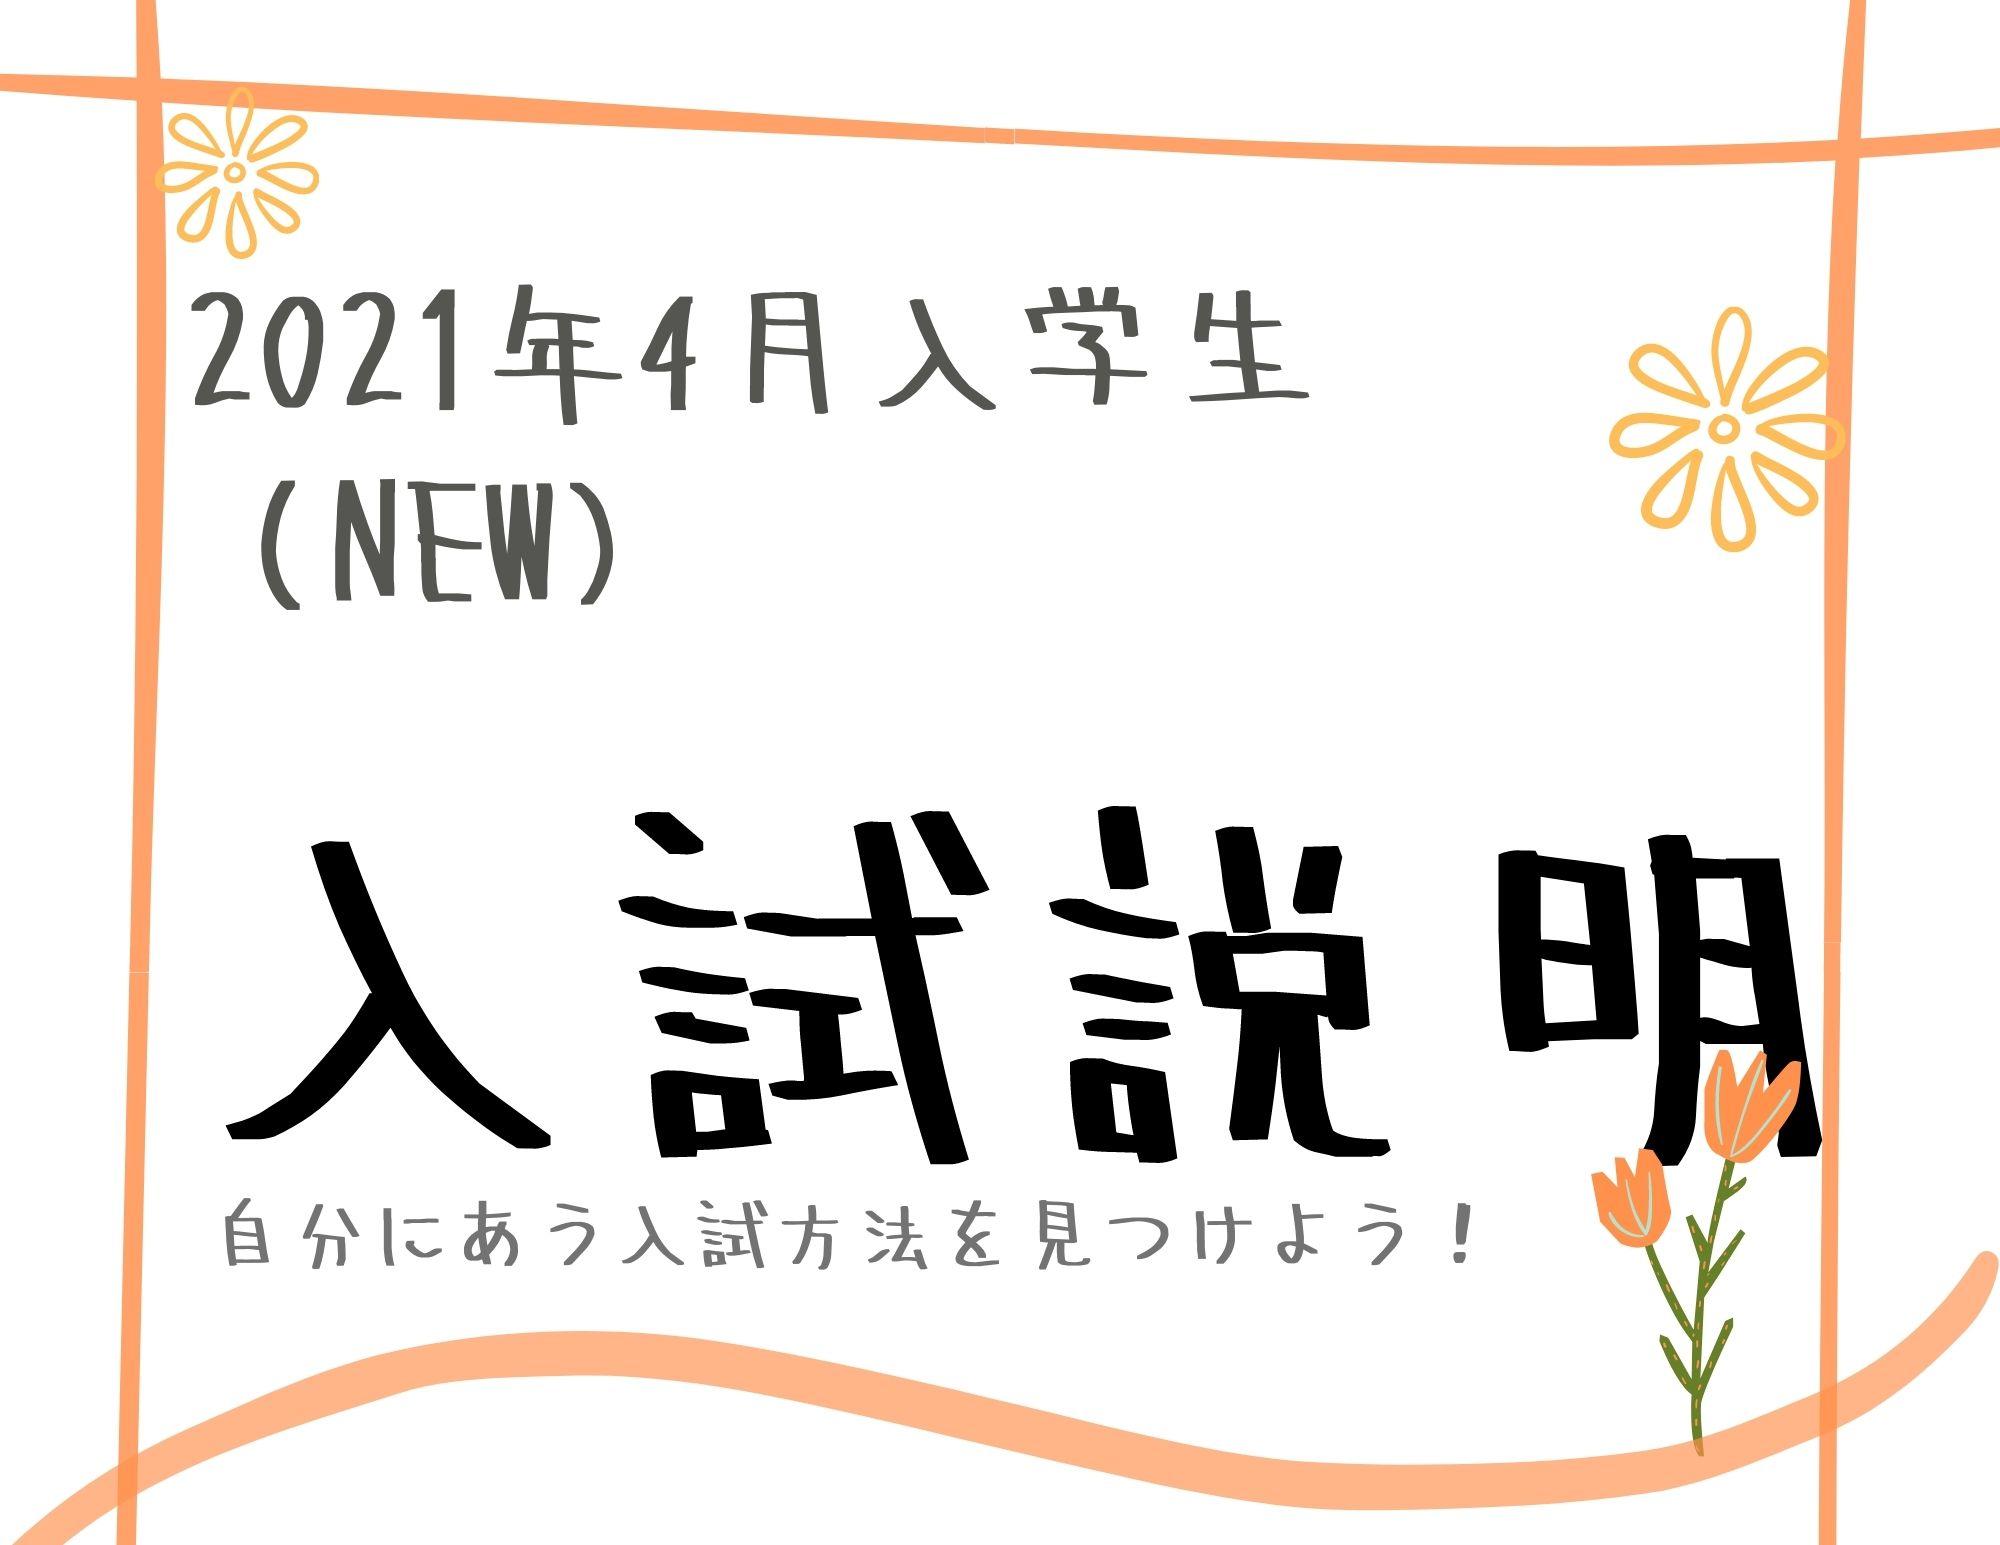 【動画更新】入試説明動画 2021年4月入学生用